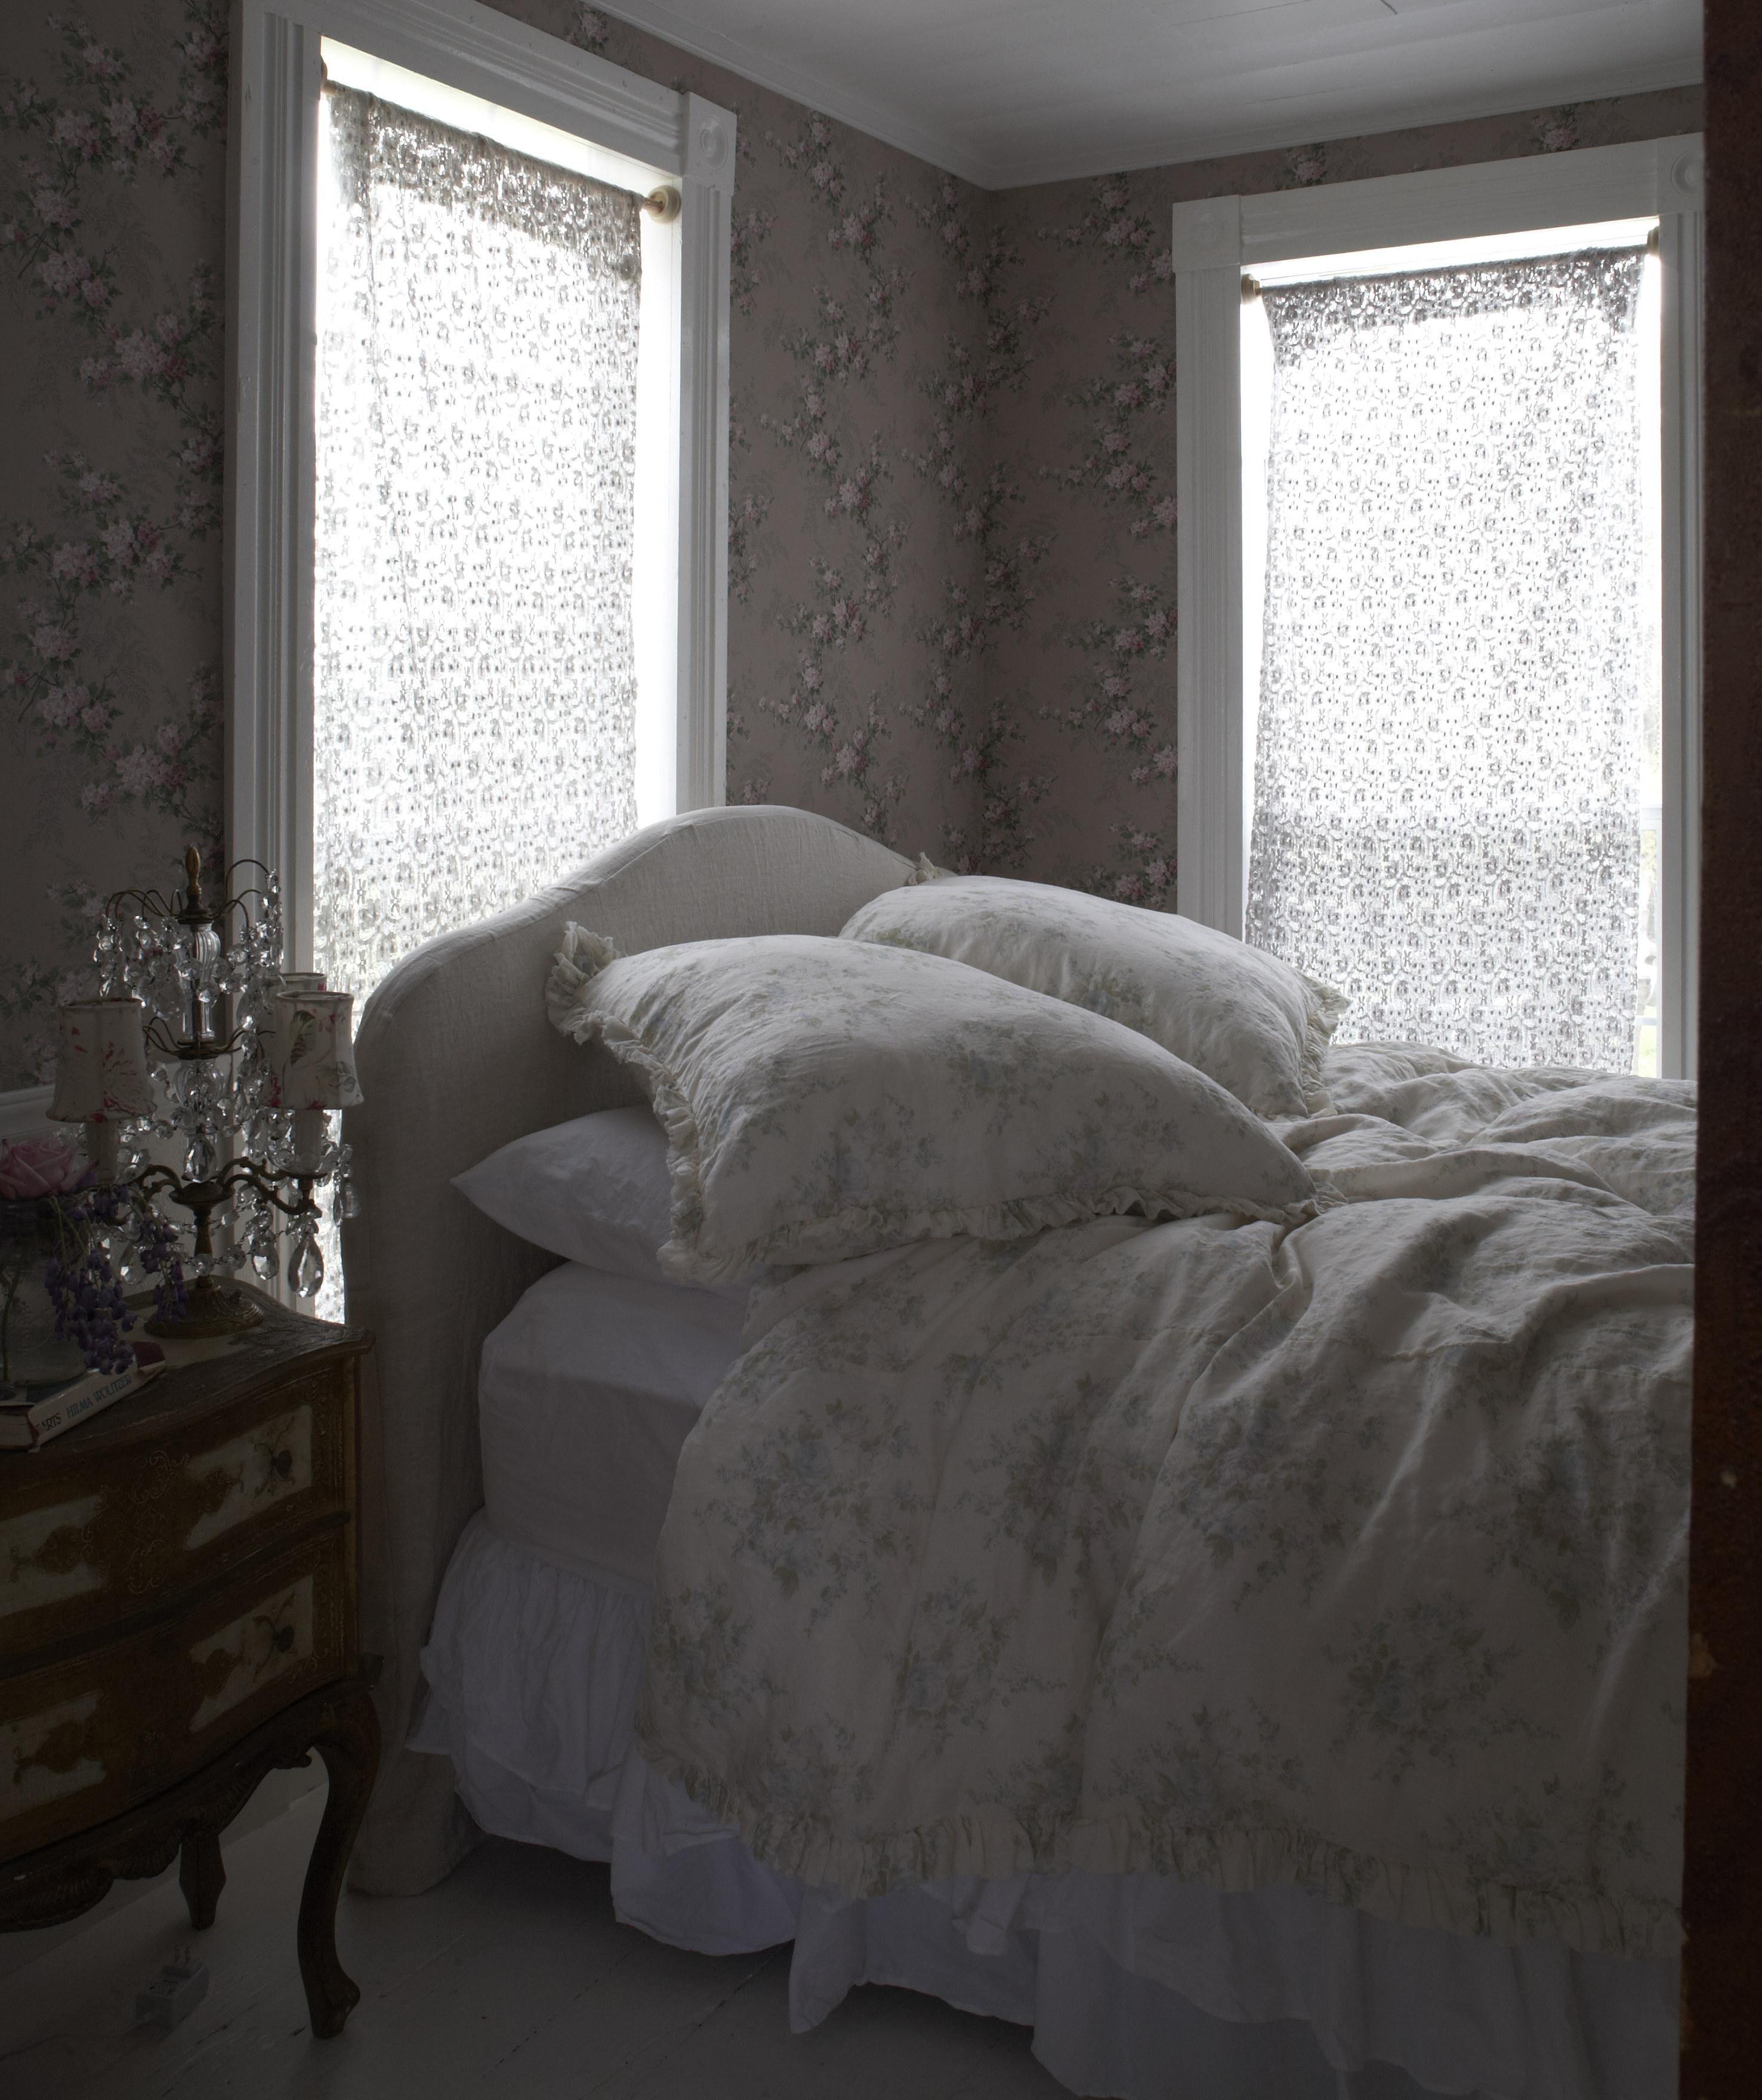 Designtripper Rachel ashwell interiors